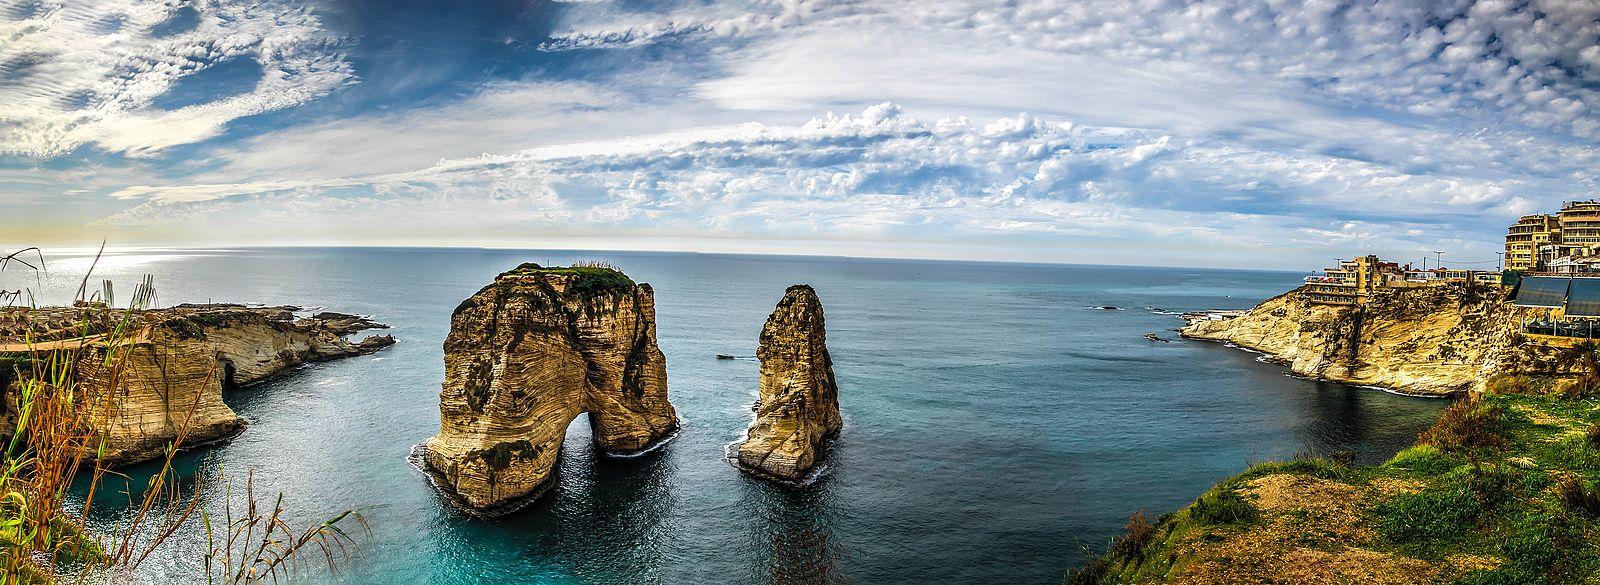 Panoramic_View_Of_Raouche.jpg